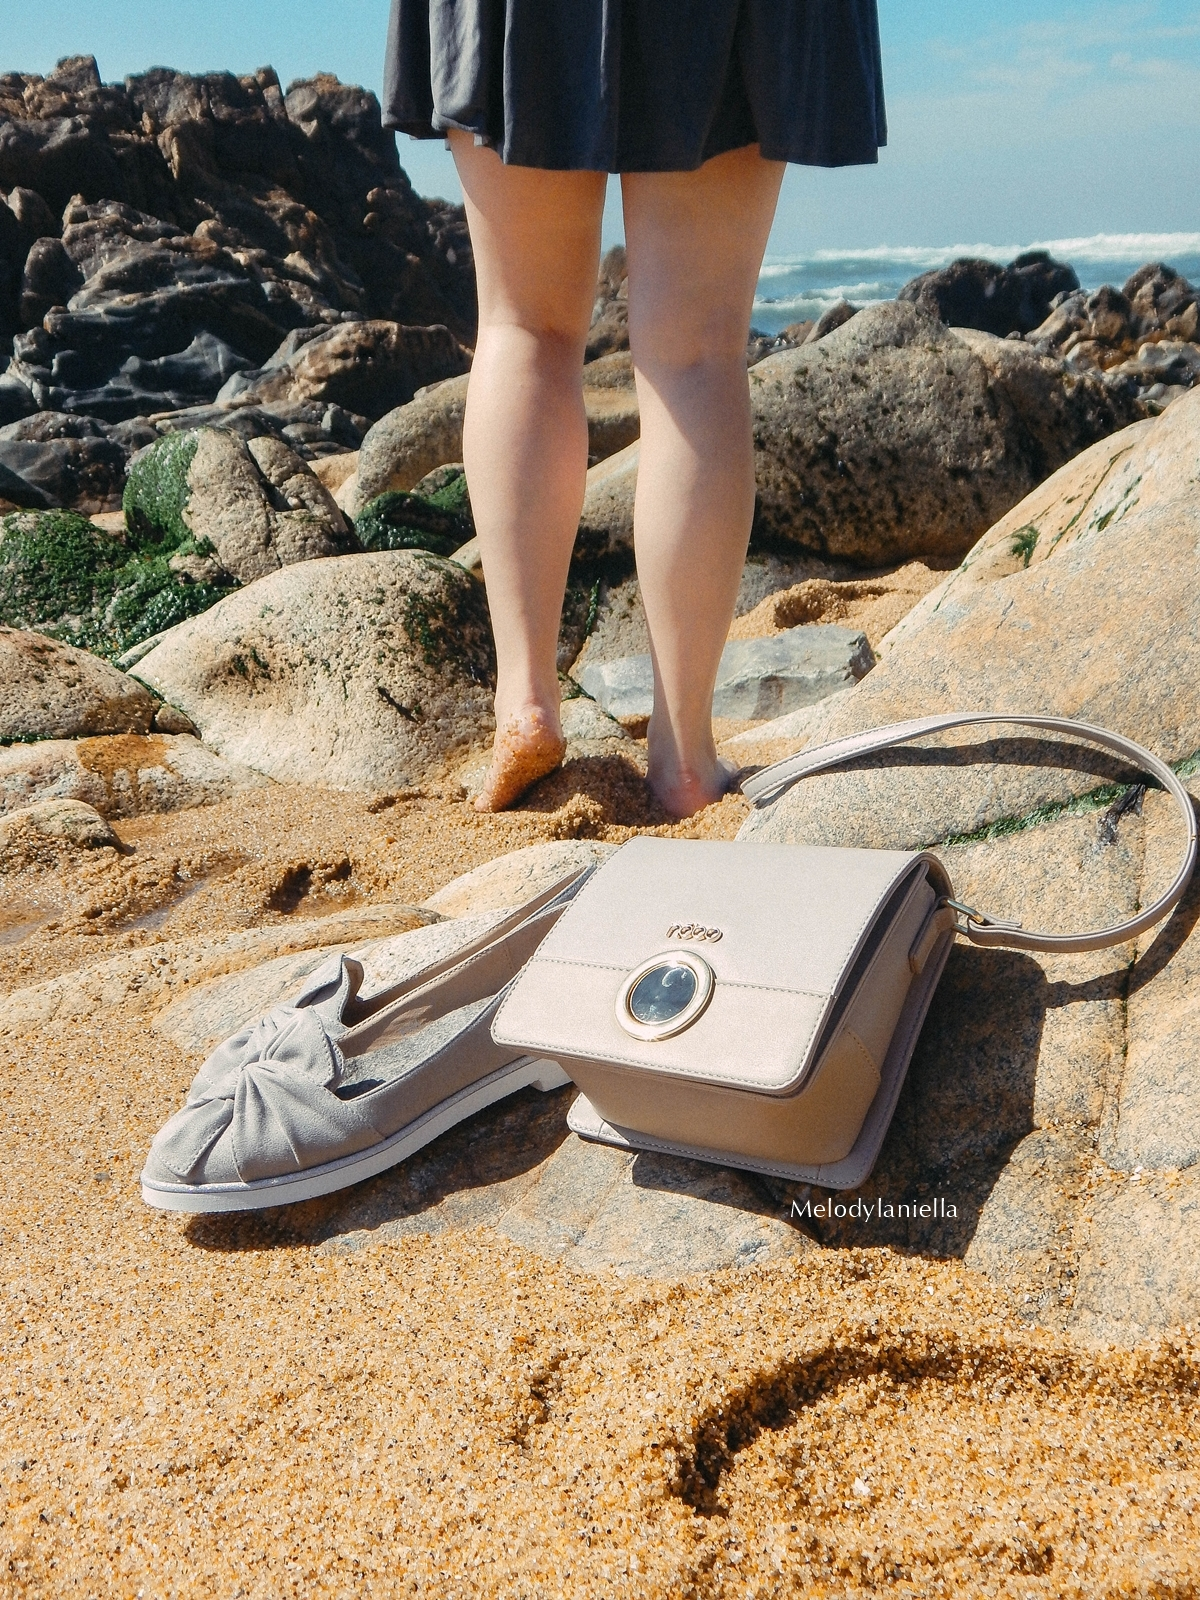 11 stylizacja porto portugalskie plaże co zobaczyć w portugalii szara sukienka sznurowana na plecach sukienka z zamszu szare sukienki sznurowania jaka sukienka dla blondynek mini szare espadryle biżuteria